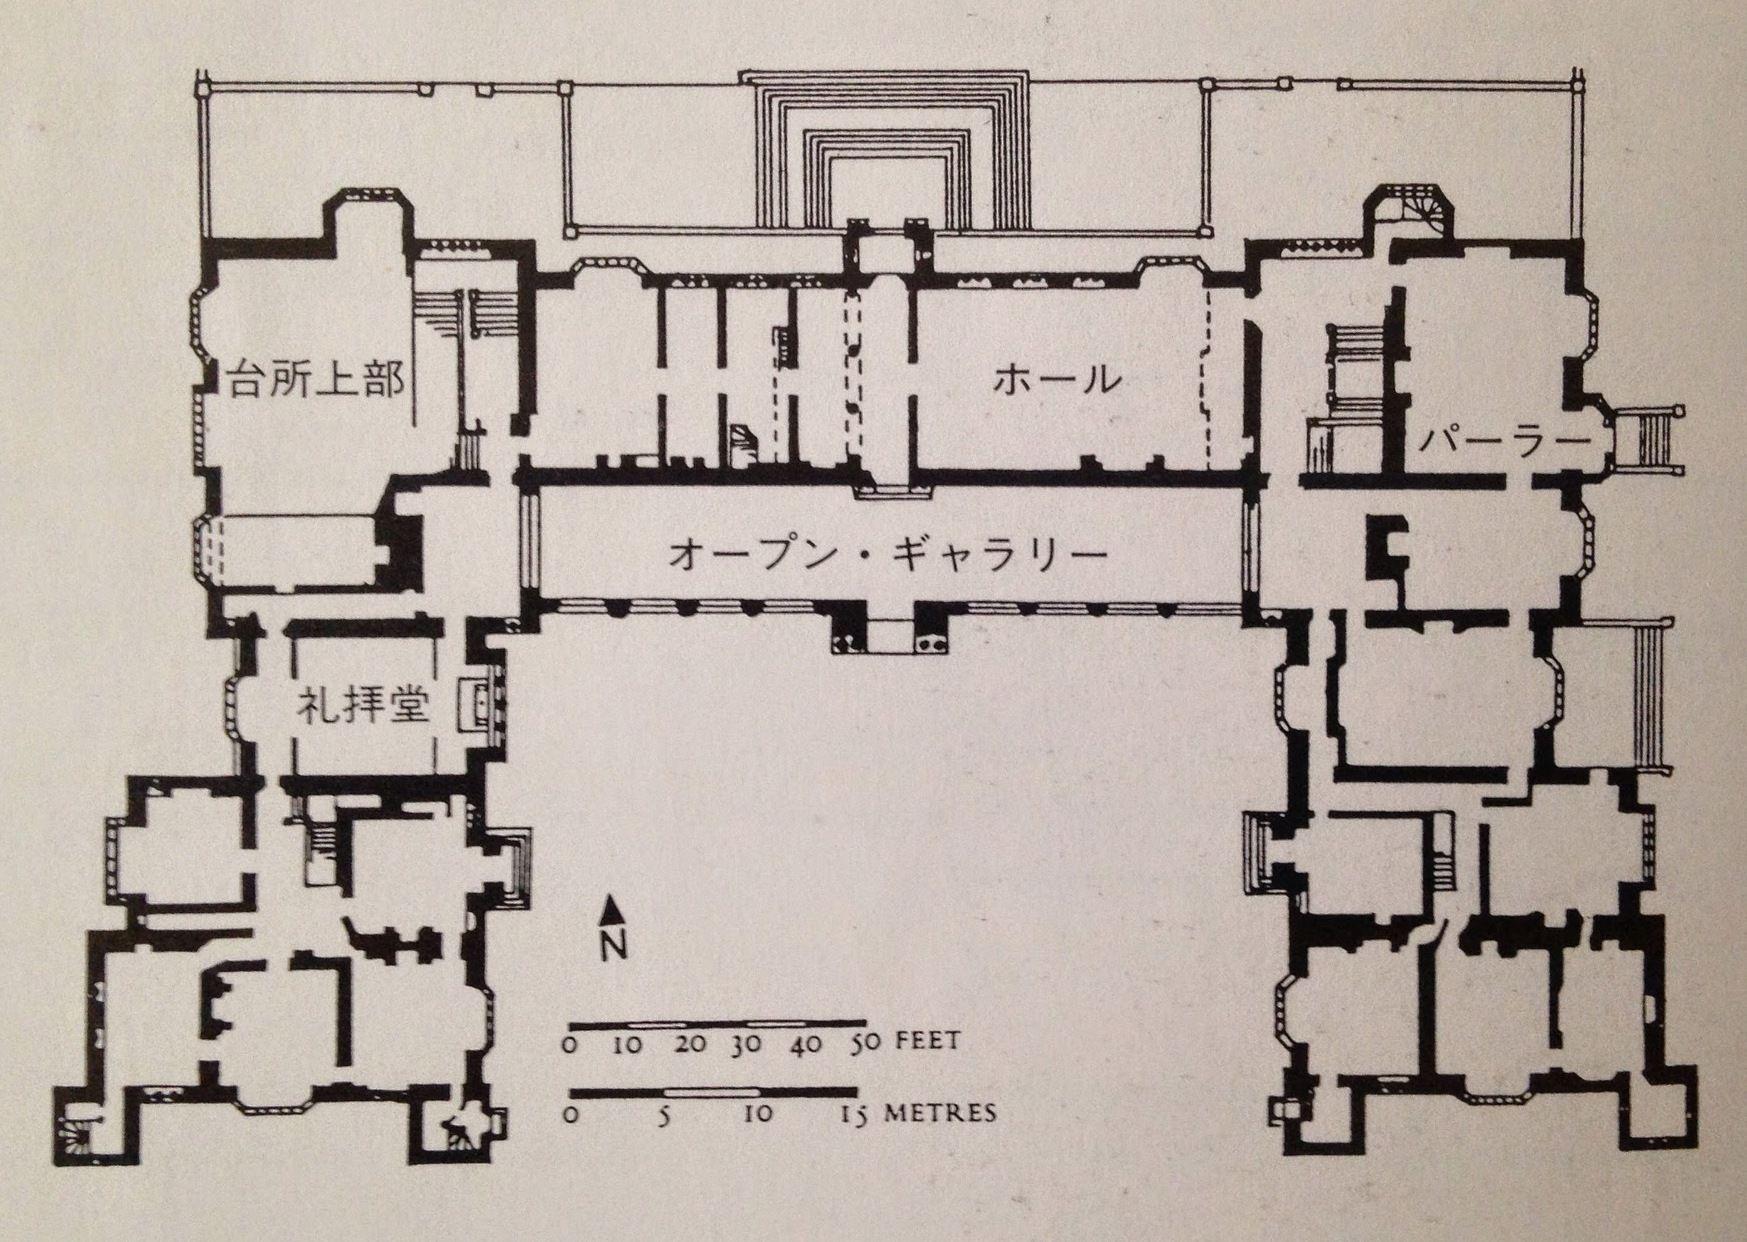 Hatfield house FloorPlan Pinterest – Hatfield House Floor Plan